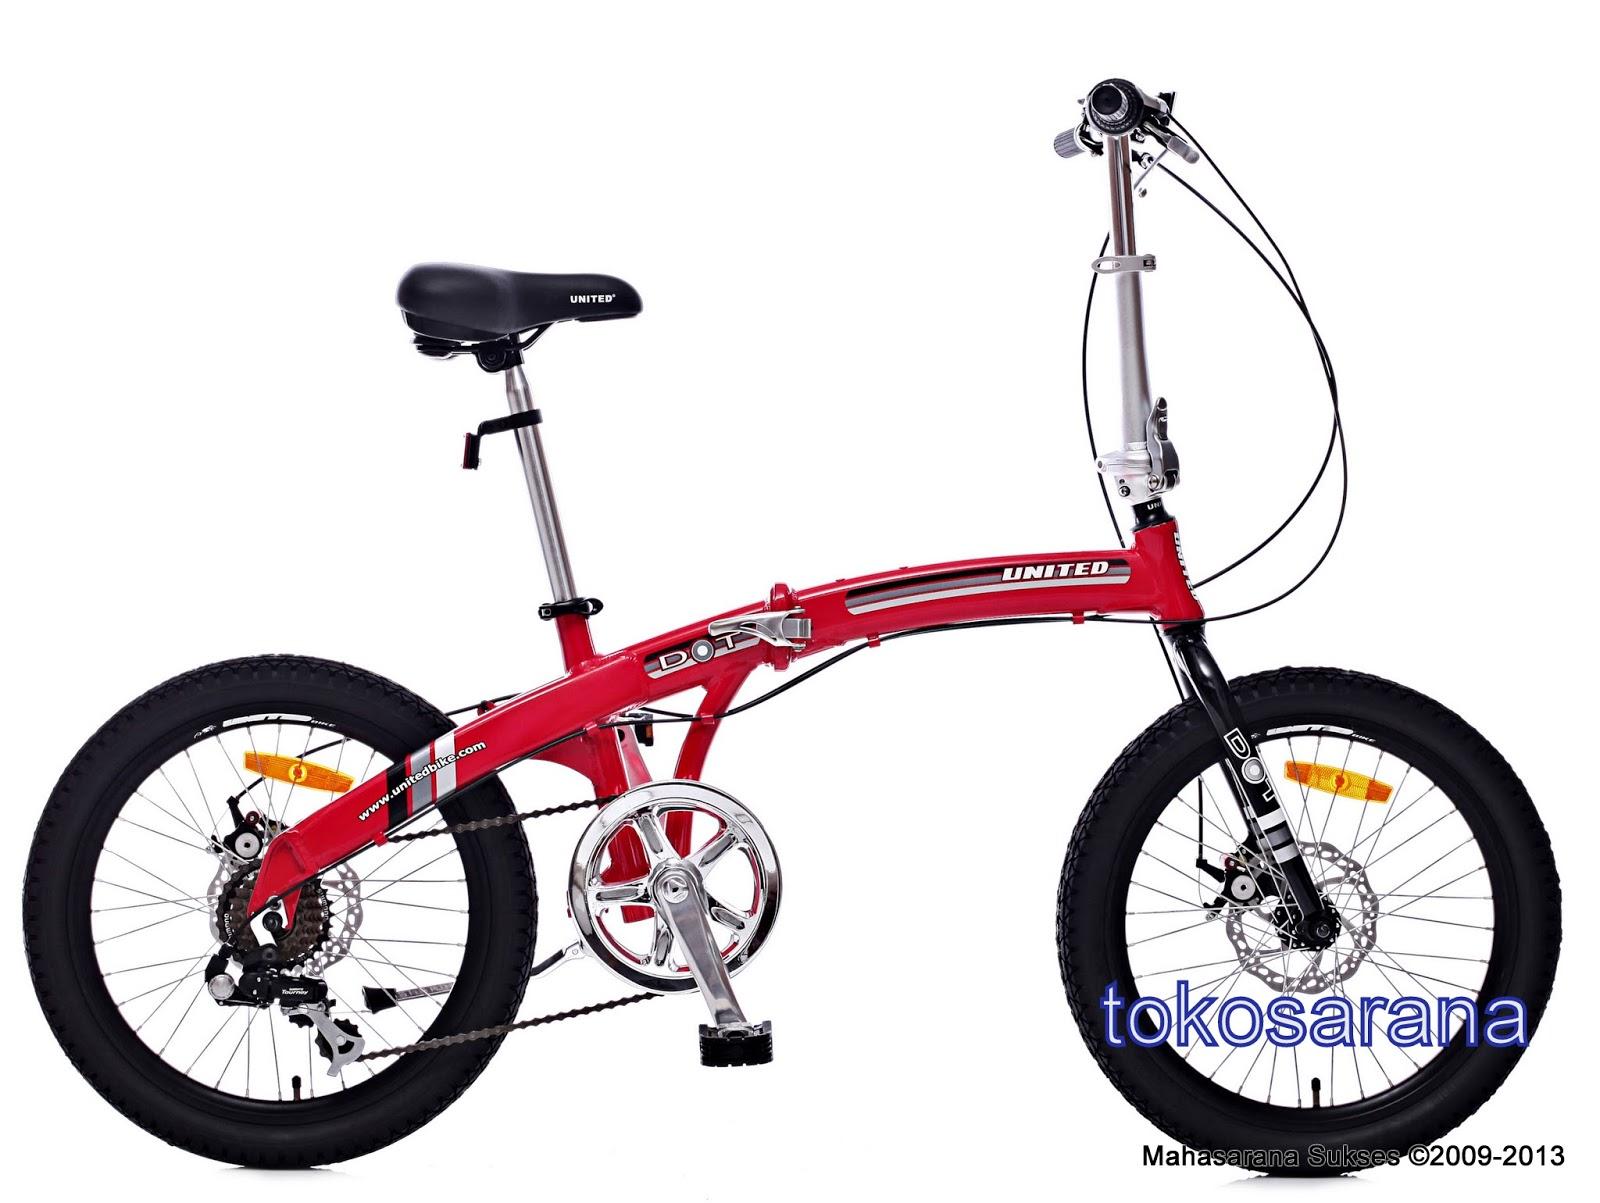 tokosarana™ | Mahasarana Sukses™: Sepeda Lipat United DOT